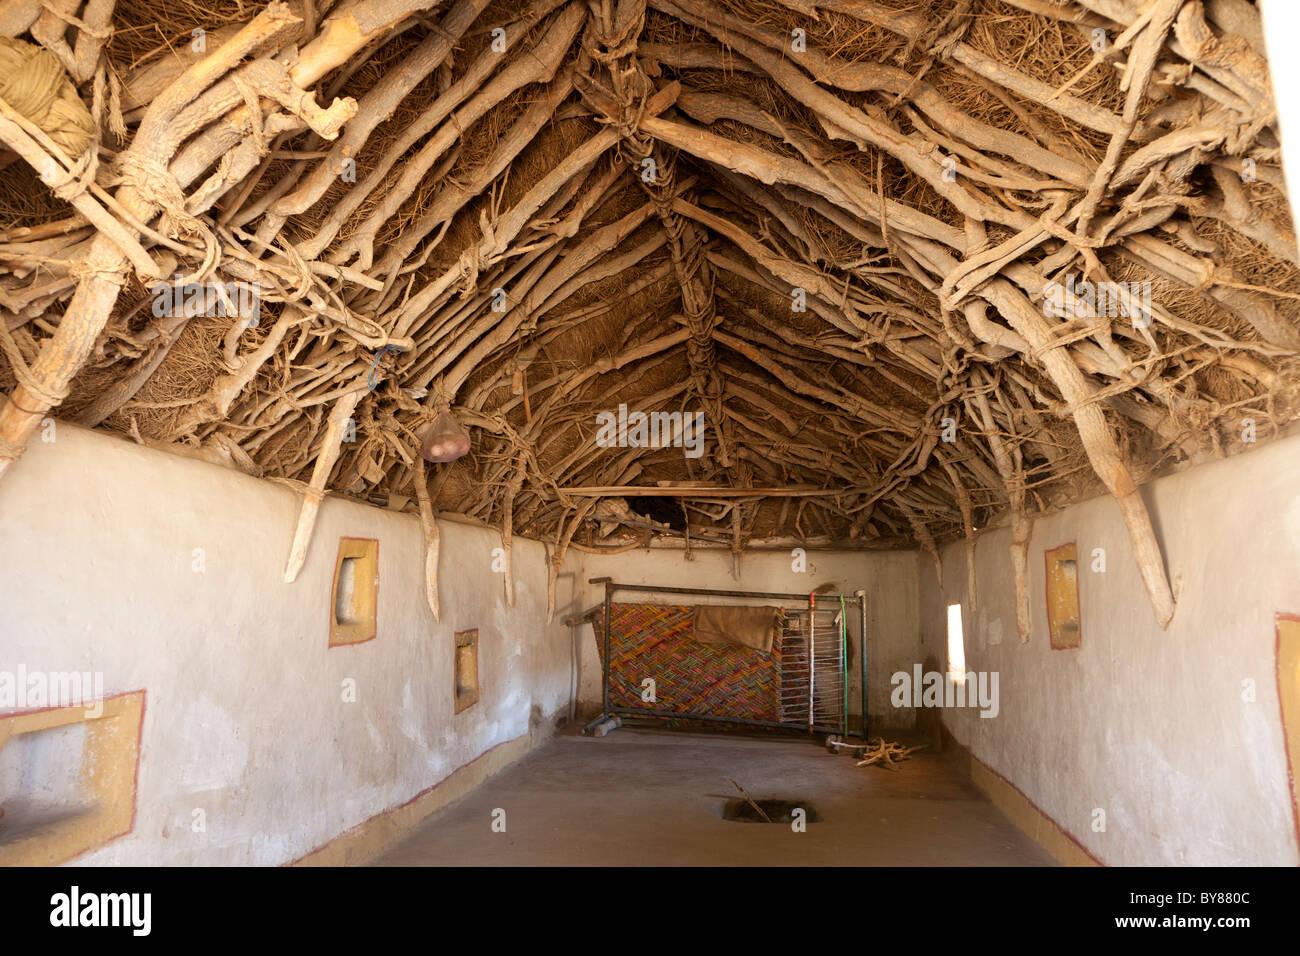 India Rajasthan, deserto di Thar, interno della casa tradizionale che mostra il metodo di costruzione del tetto Immagini Stock